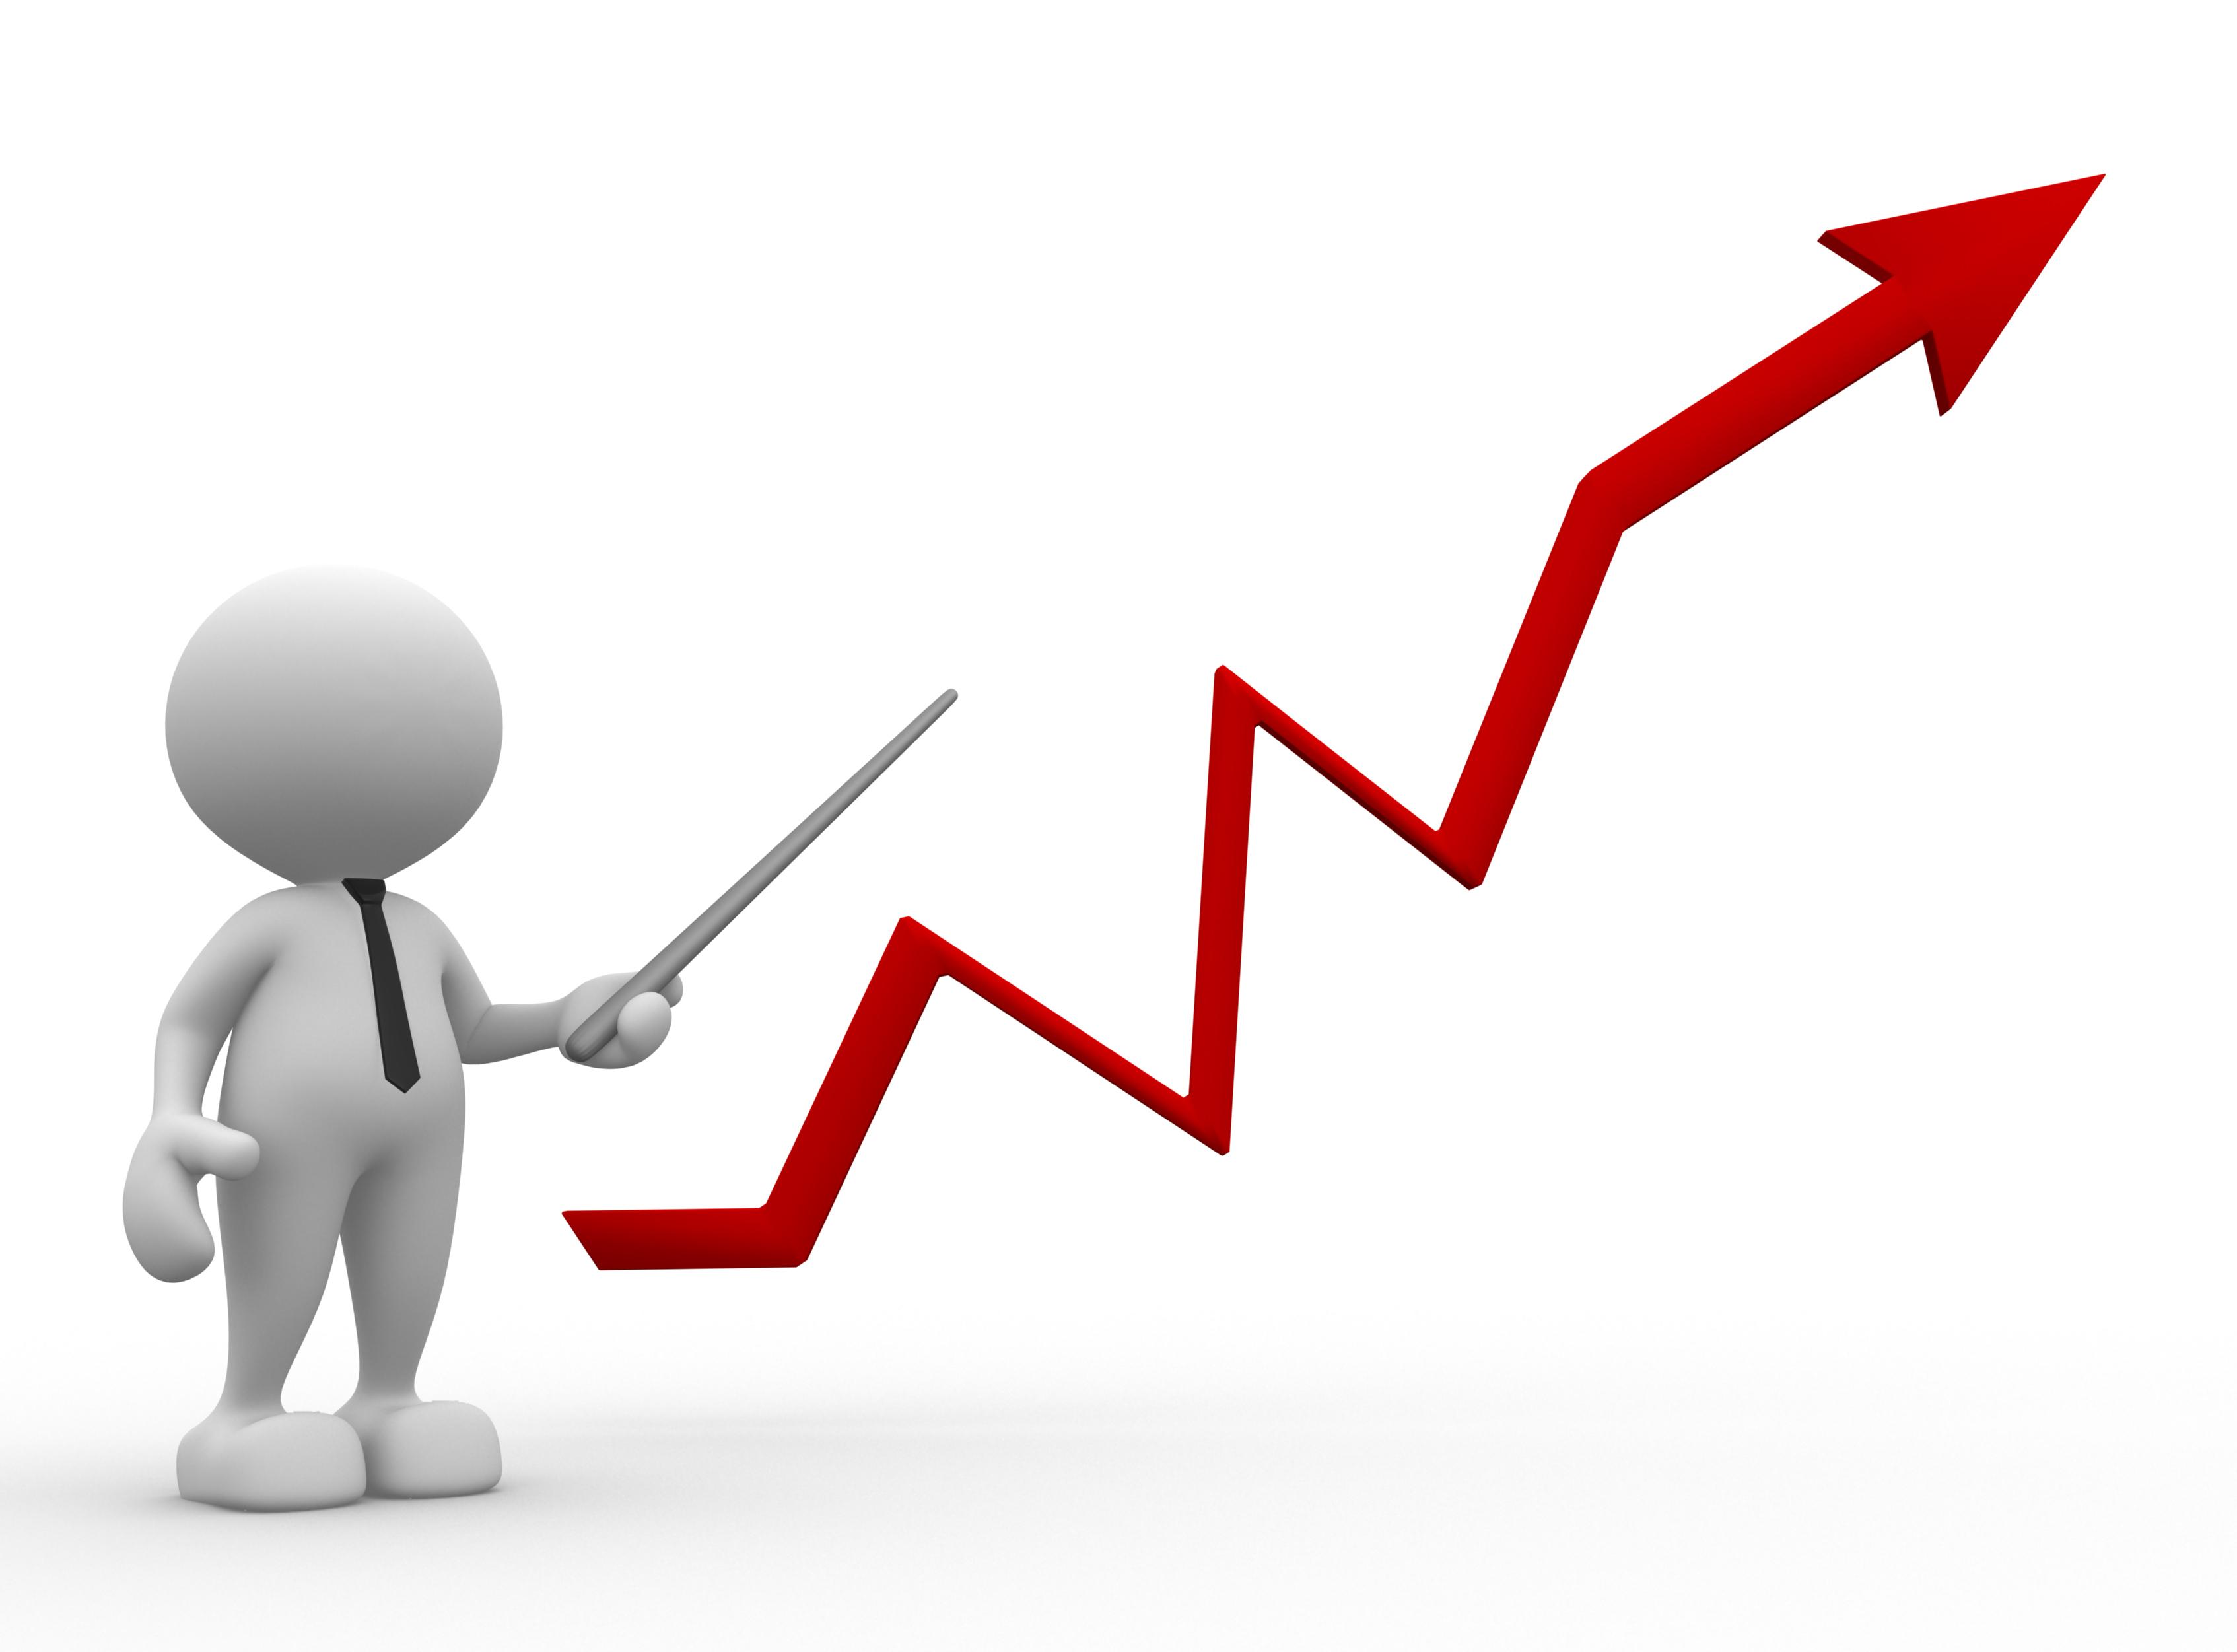 Stick figure explaining stock chart.